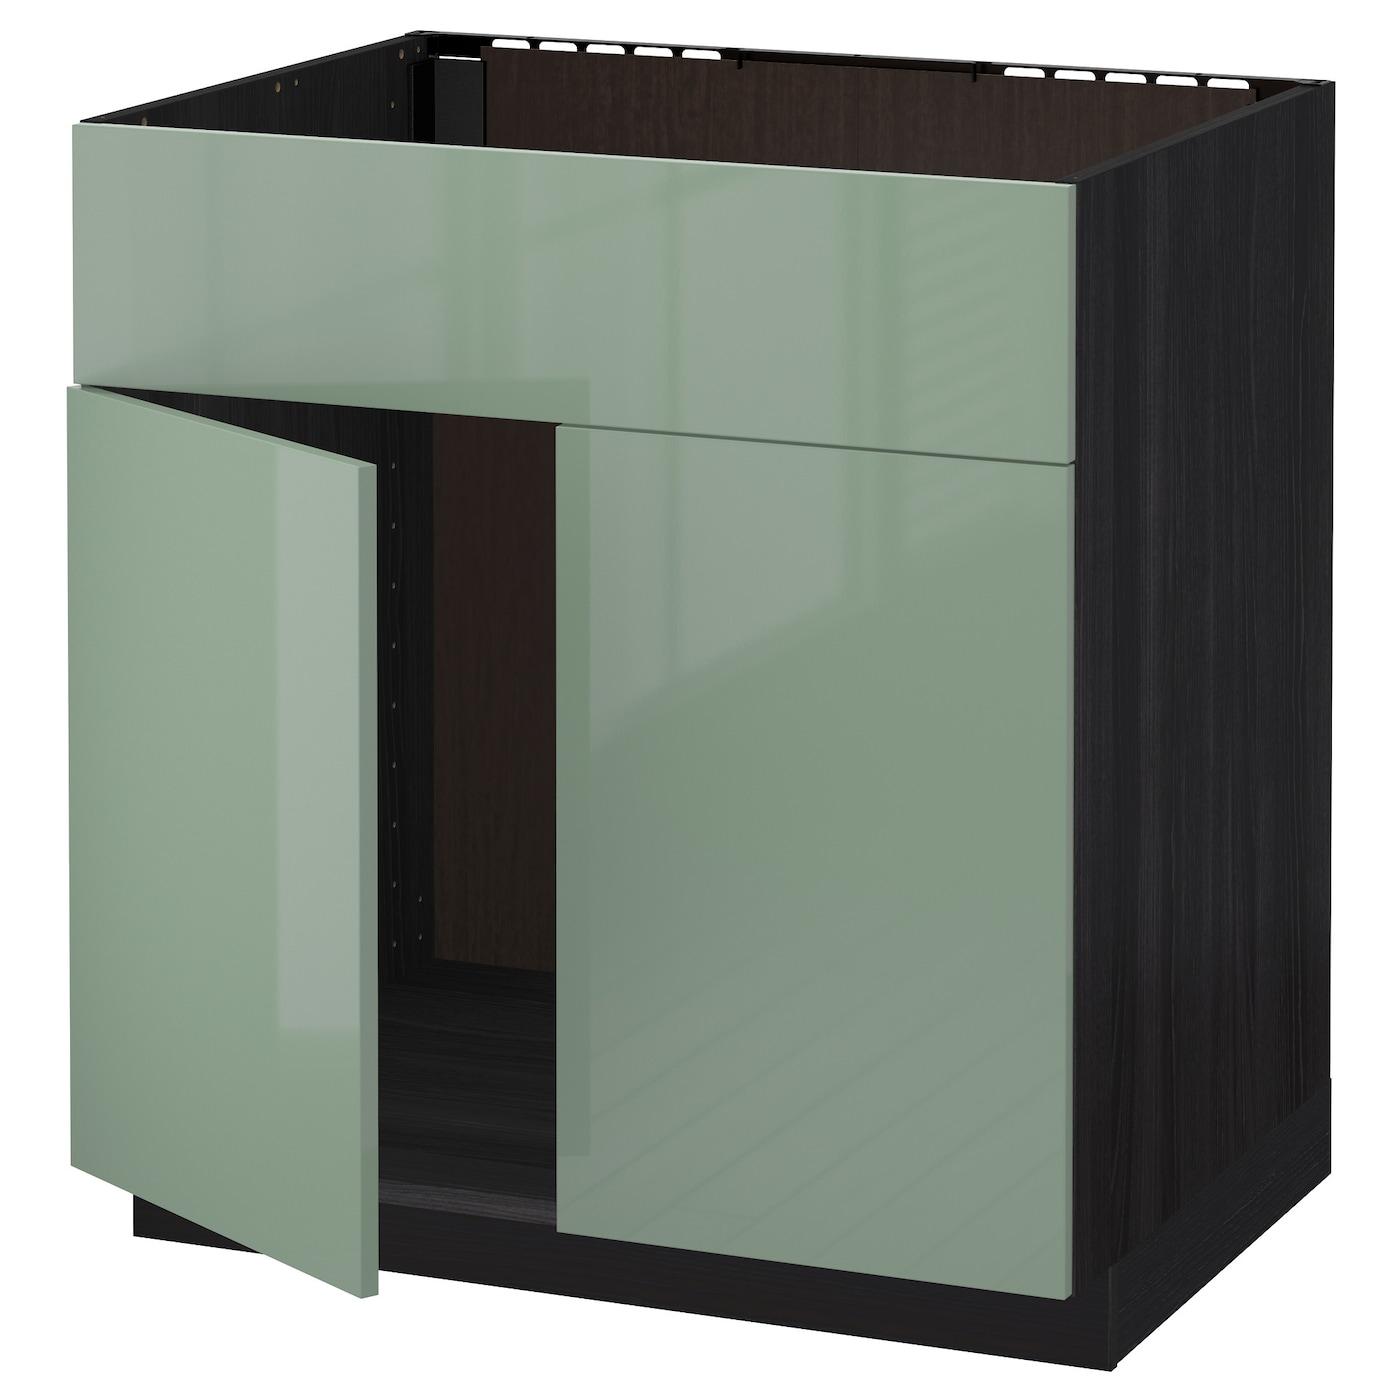 Metod base cabinet f sink w 2 doors front black kallarp for Black kitchen base cabinets